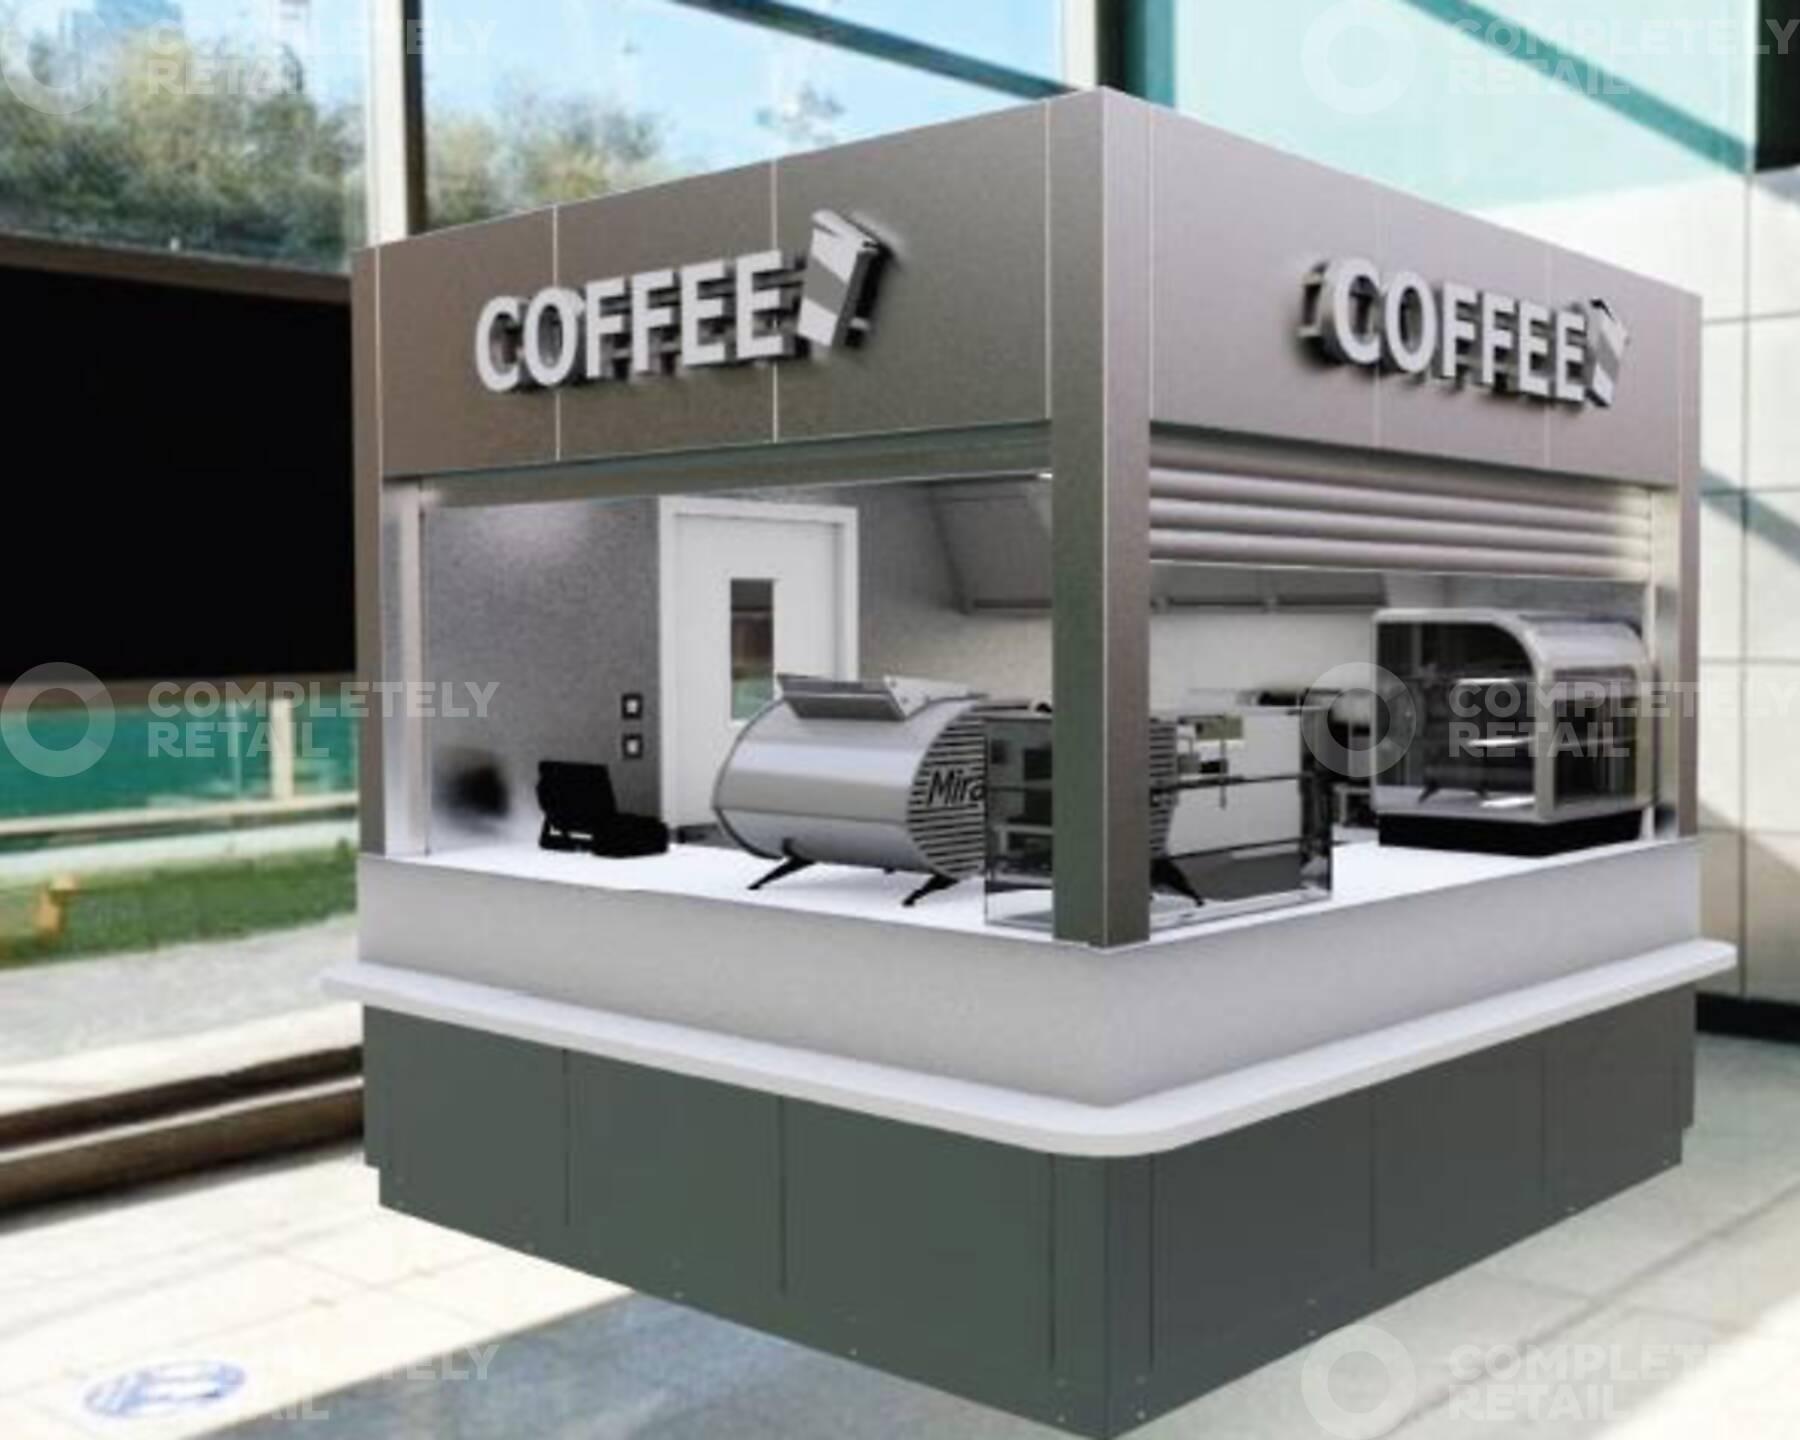 New Kiosk